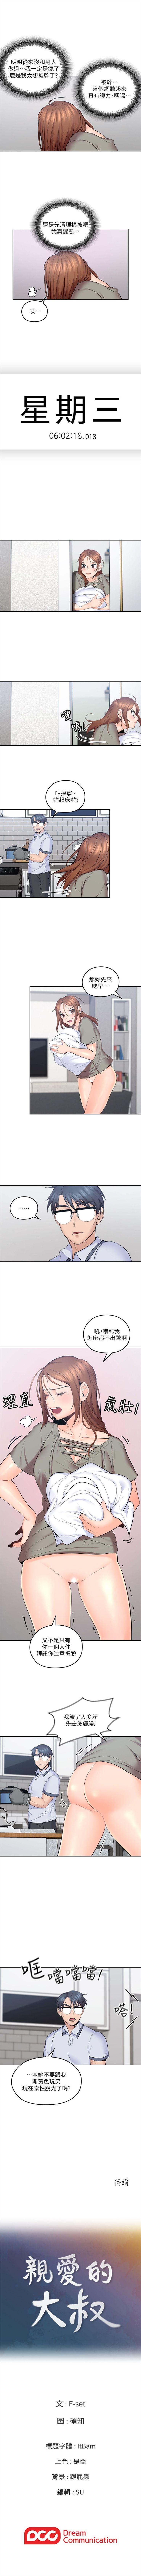 (週4)親愛的大叔 1-33 中文翻譯(更新中) 37